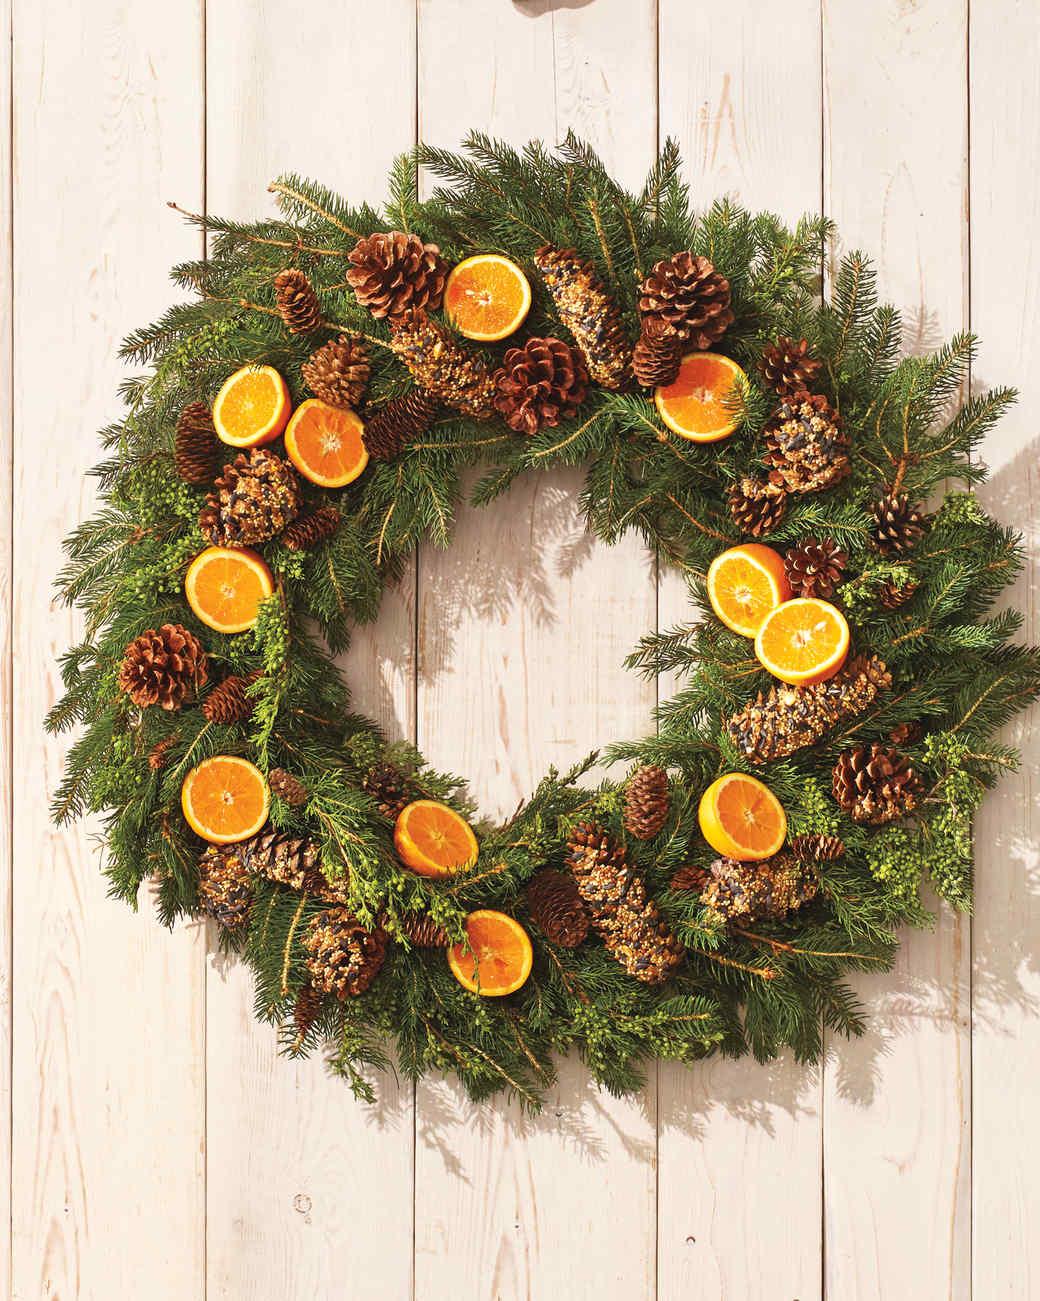 bird-feeder-wreath-354-d112293.jpg